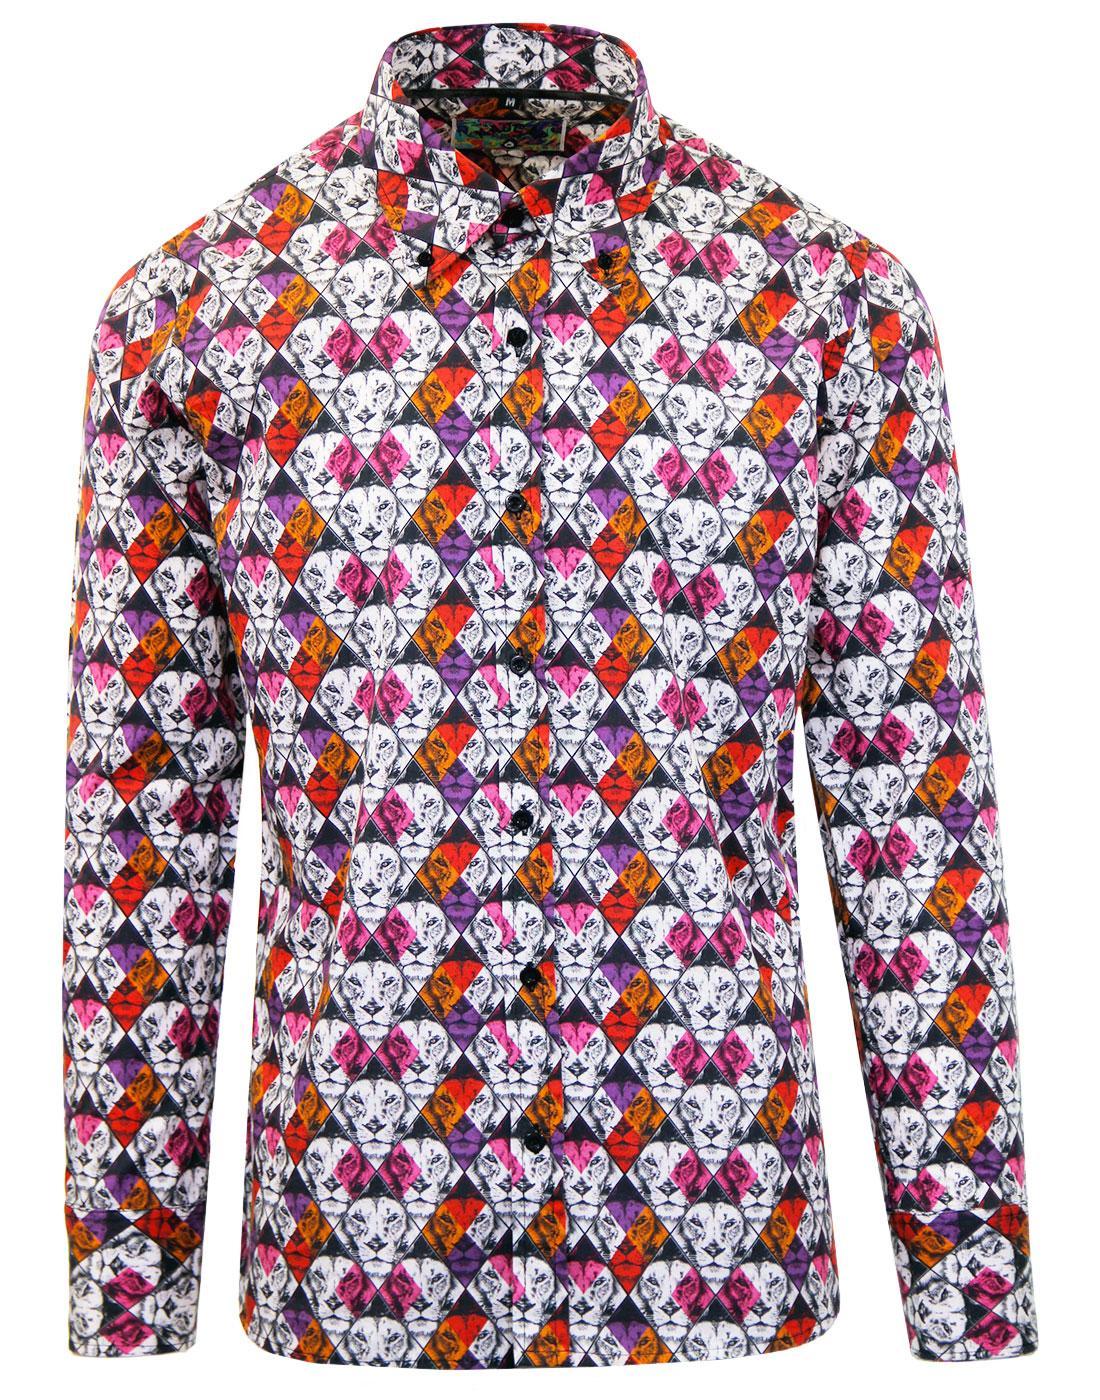 madcap england king retro mod lion geo print shirt